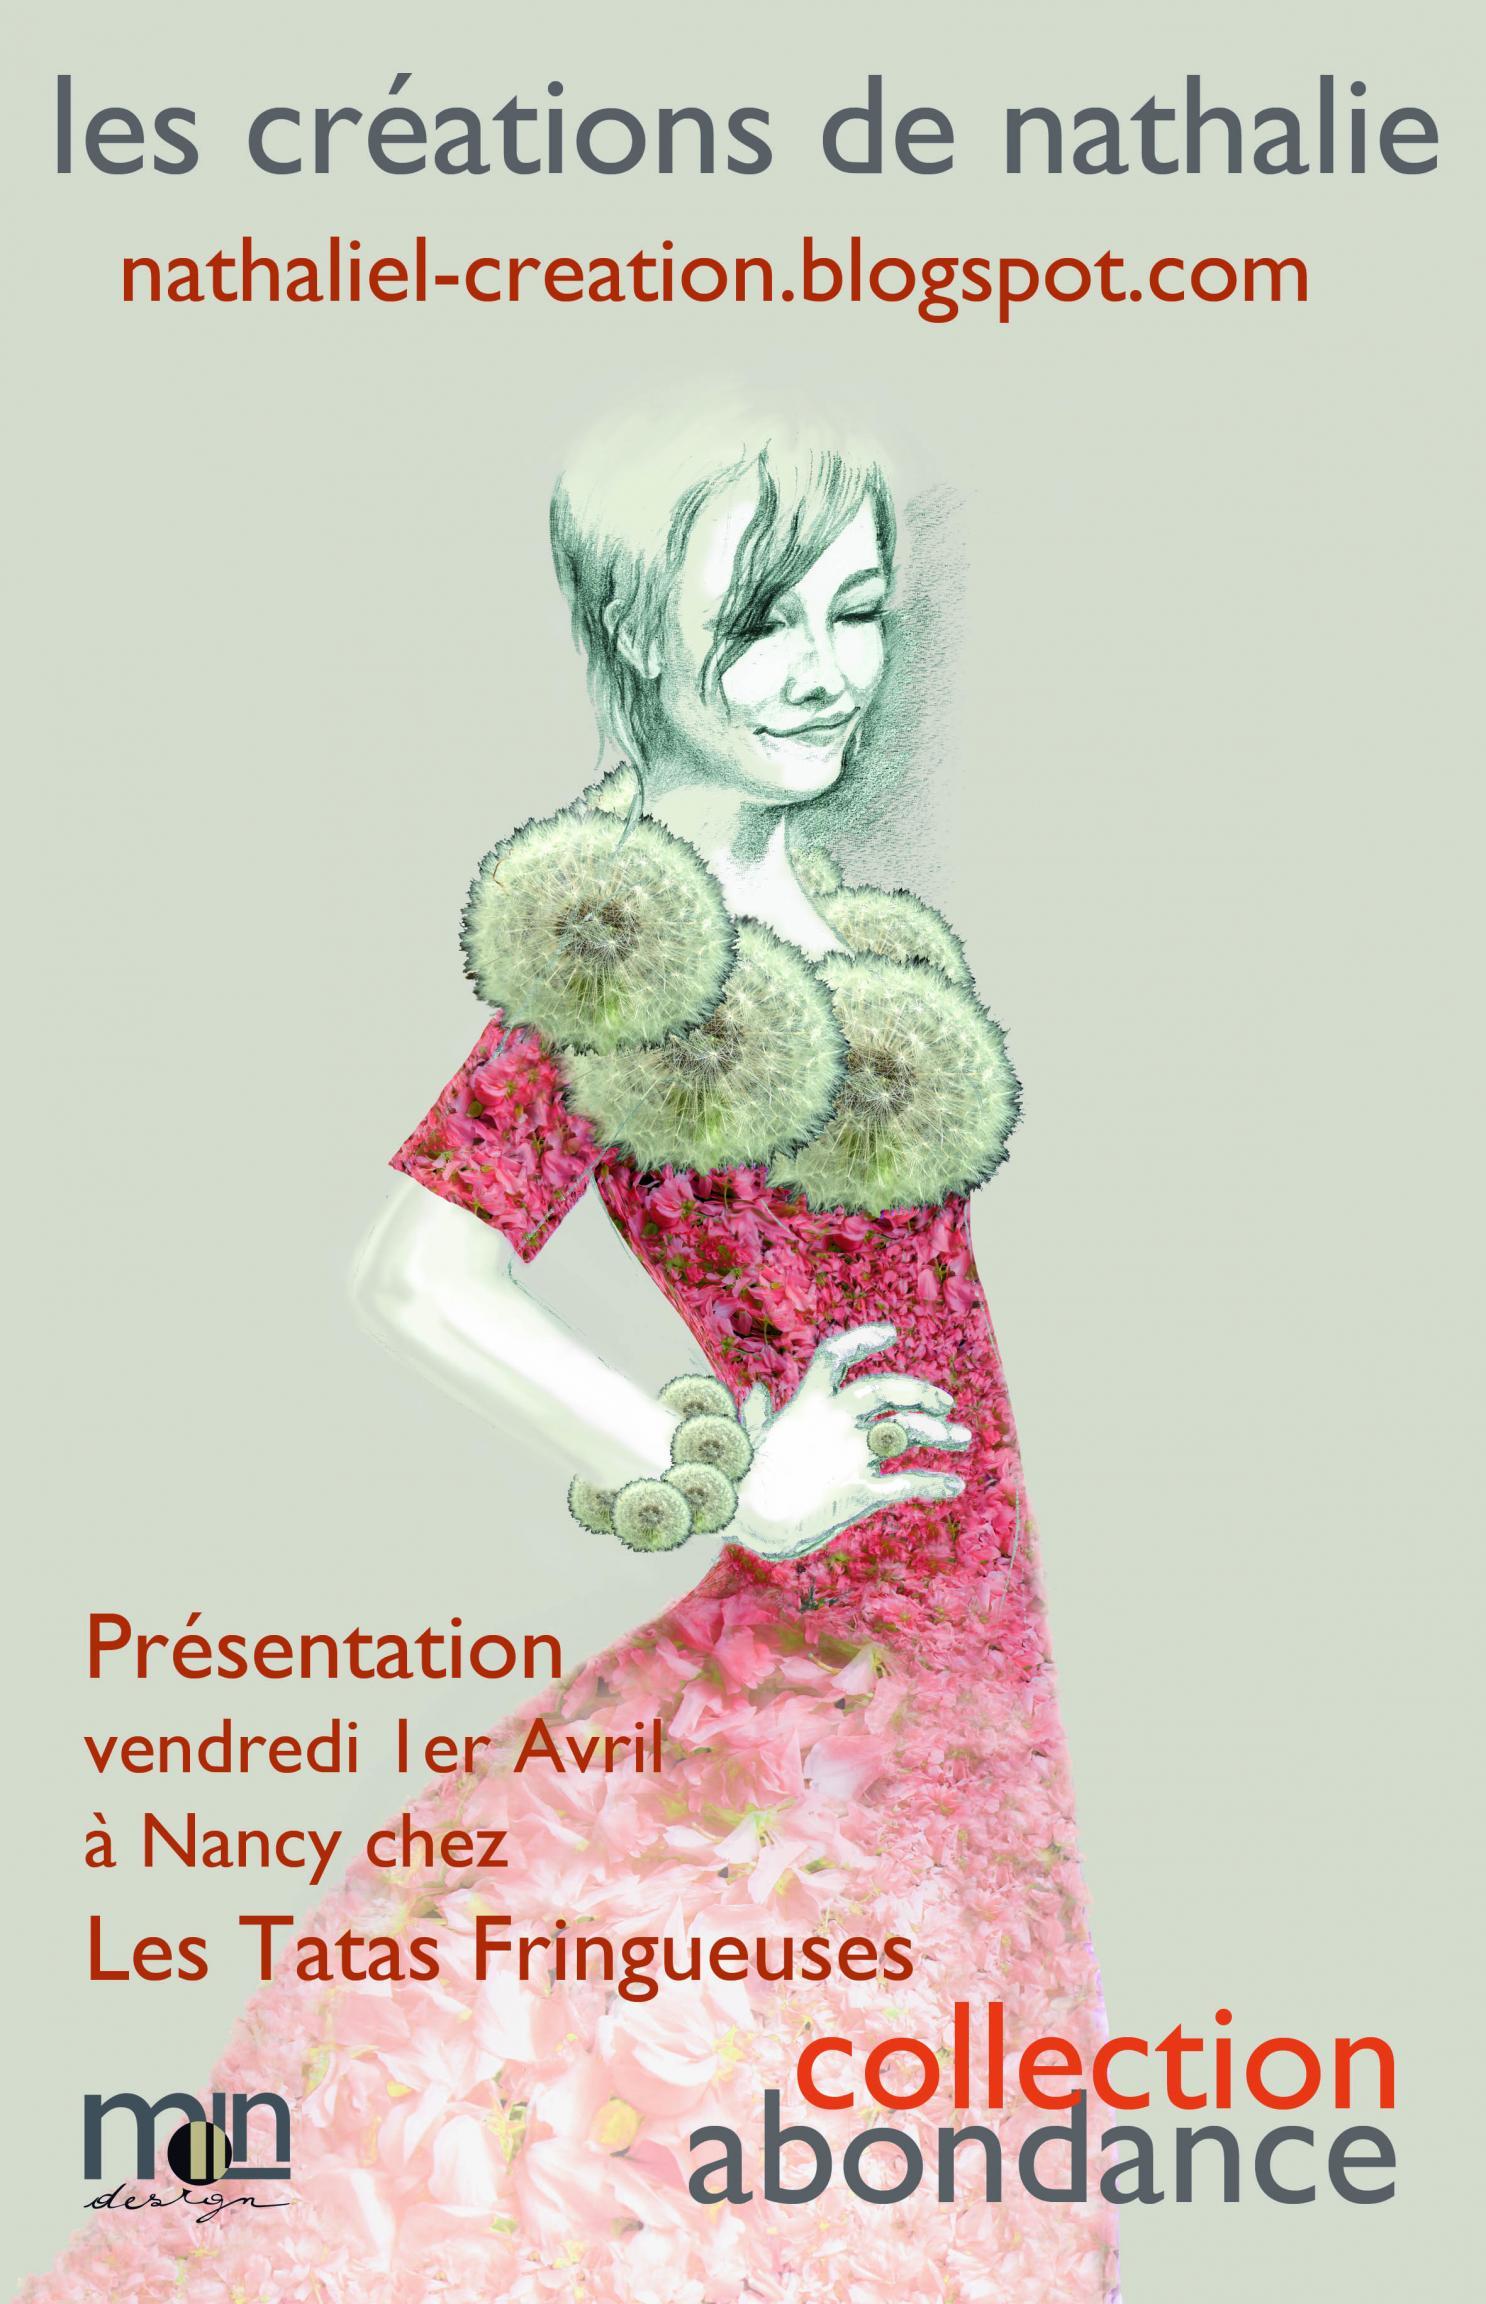 Actualité de Nathalie Lahaye- Mangold Nathalie Lahaye Création Défilé Nancy chez les Tatas Fringeuses